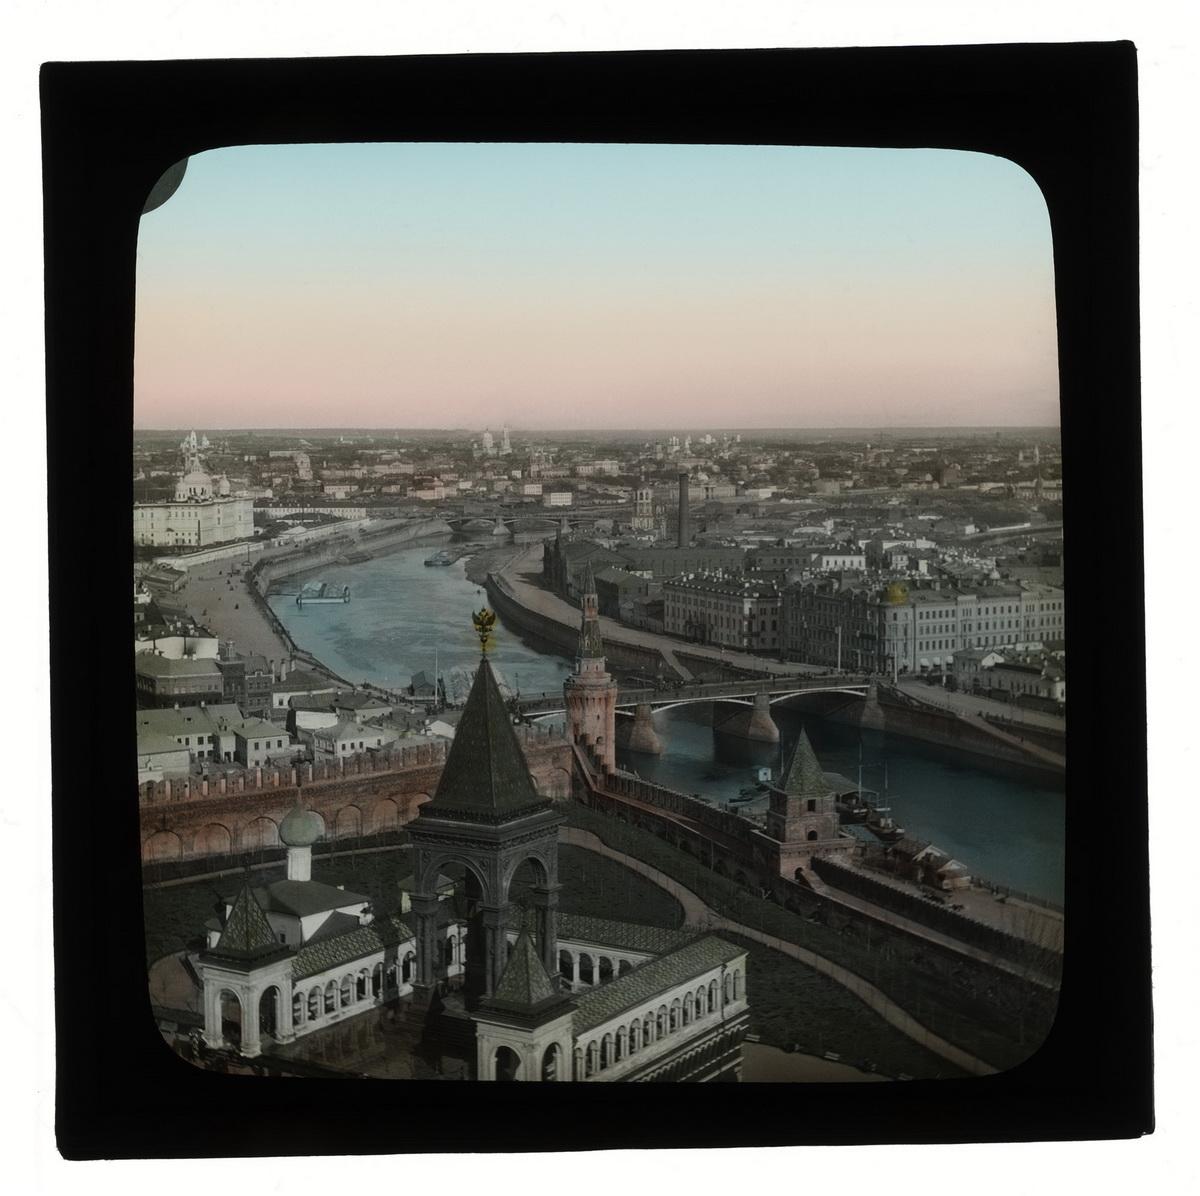 Вид на Москву и памятник Александру II c колокольни Ивана Великого.